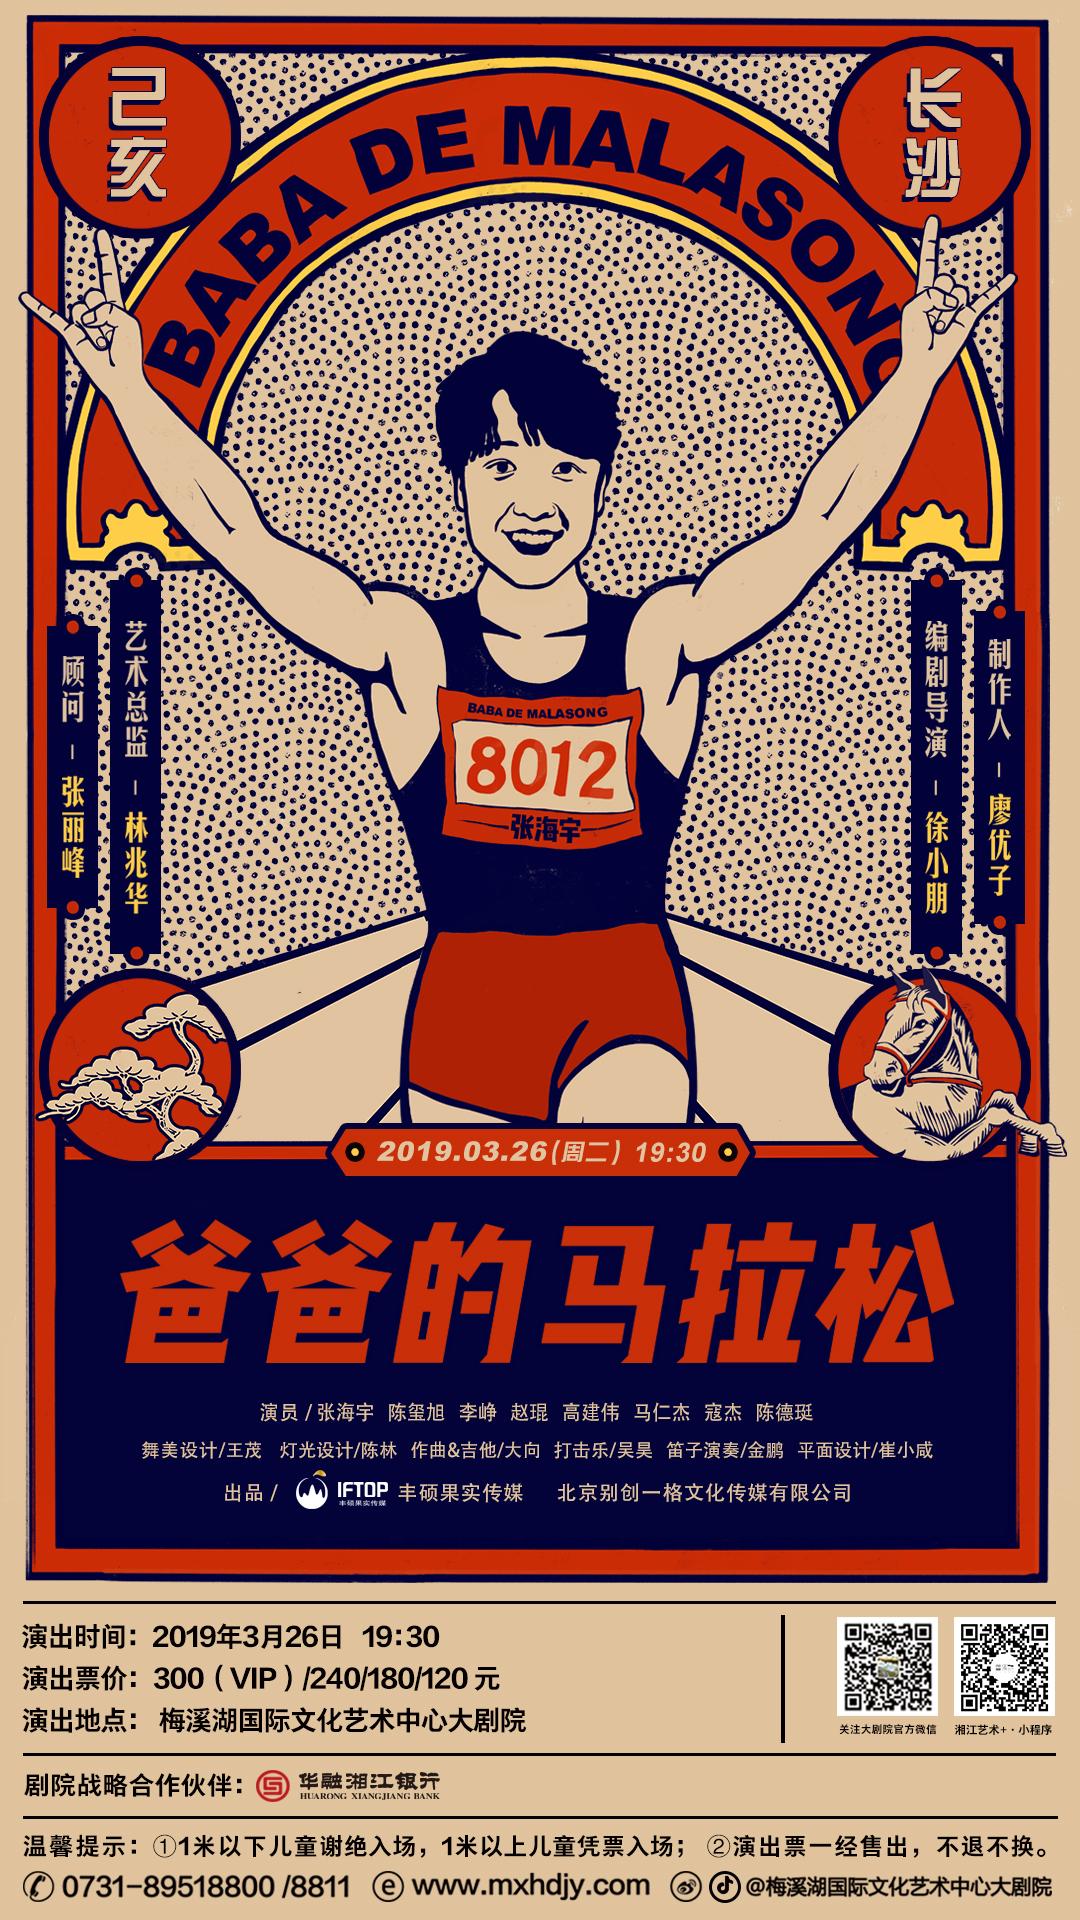 M海報-爸爸的馬拉松.jpg